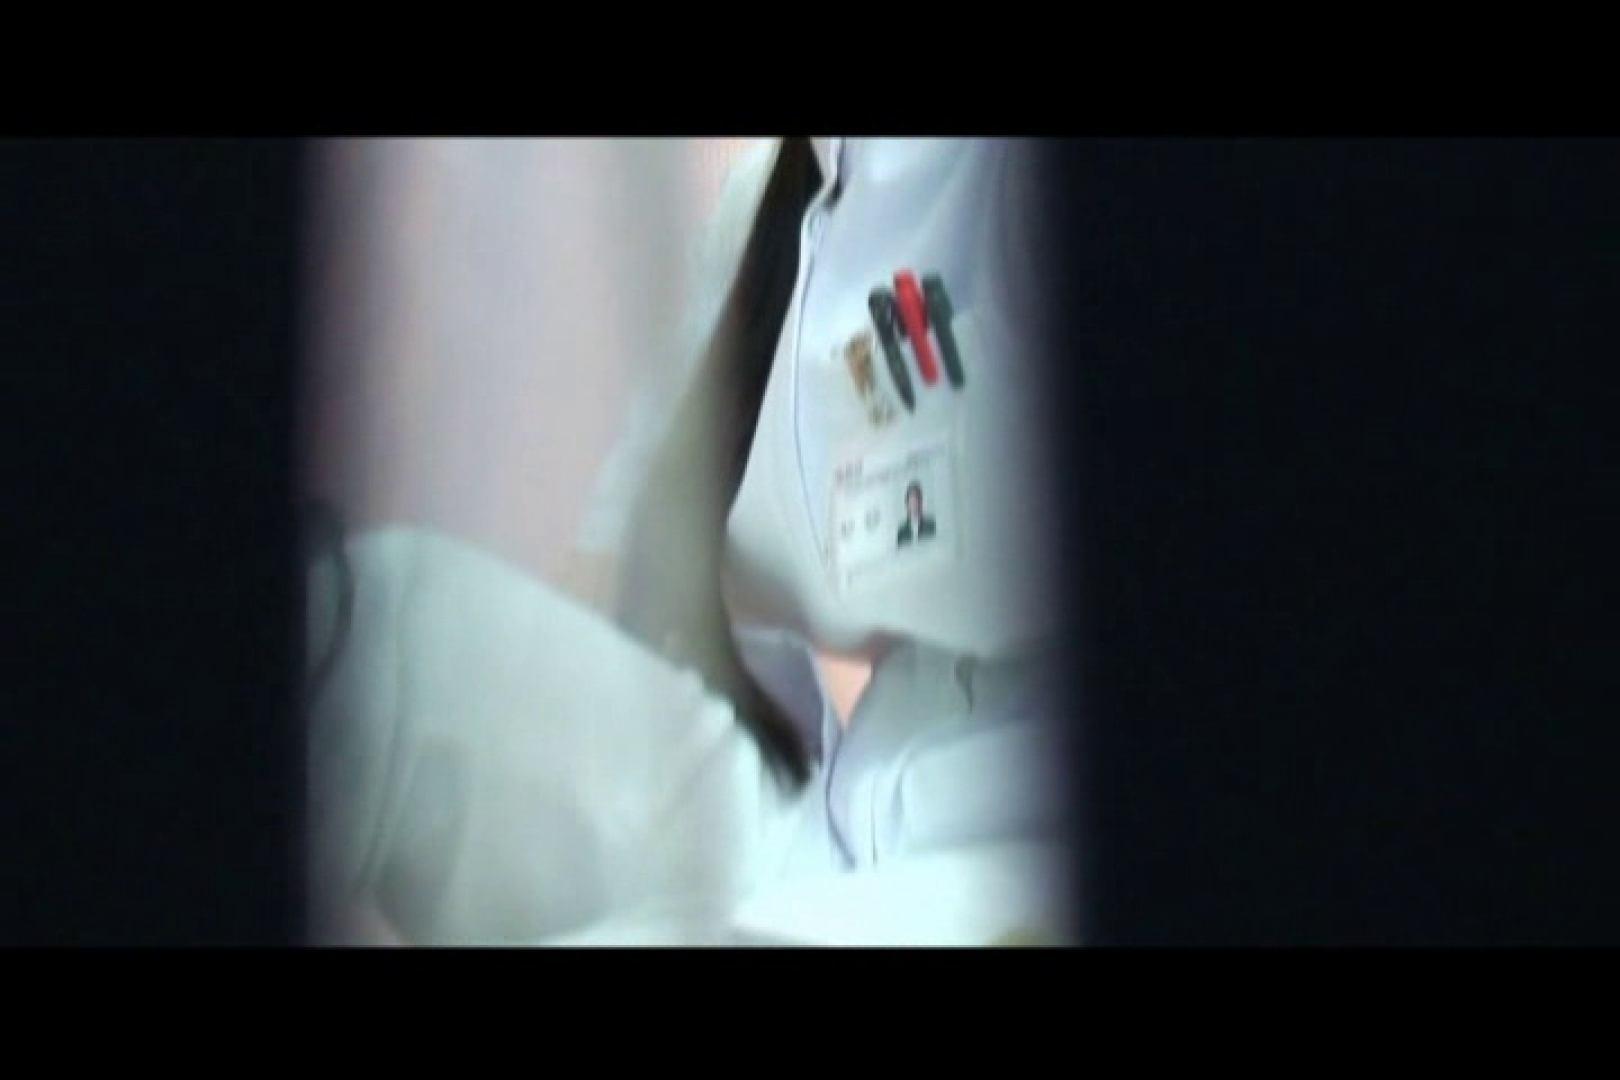 独占配信!無修正! 看護女子寮 vol.11 女子寮隠し撮り スケベ動画紹介 71pic 23